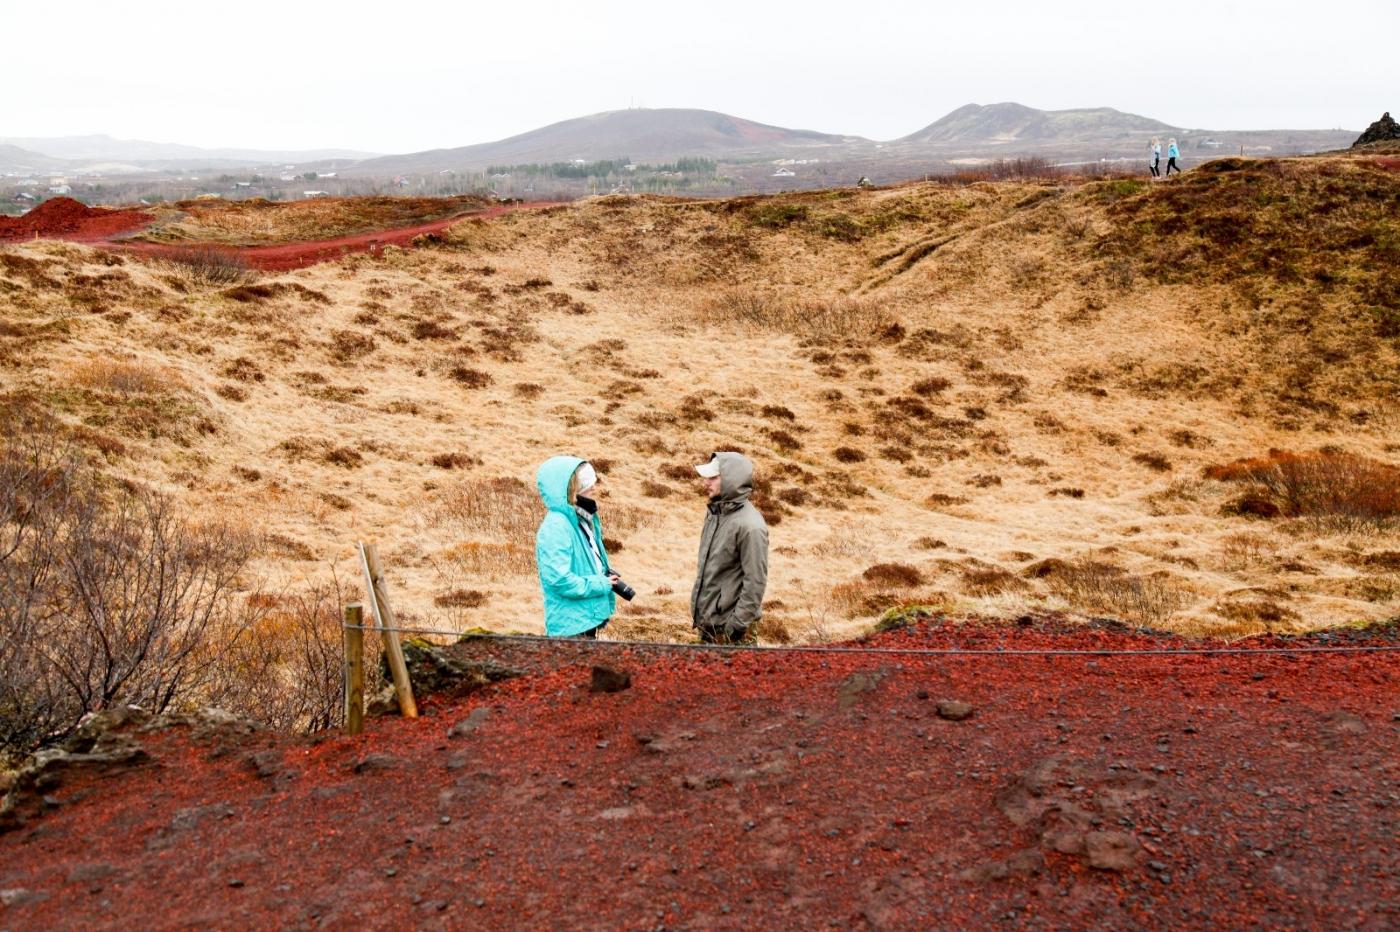 冰岛热带温泉美景,游客流连忘返_图1-10